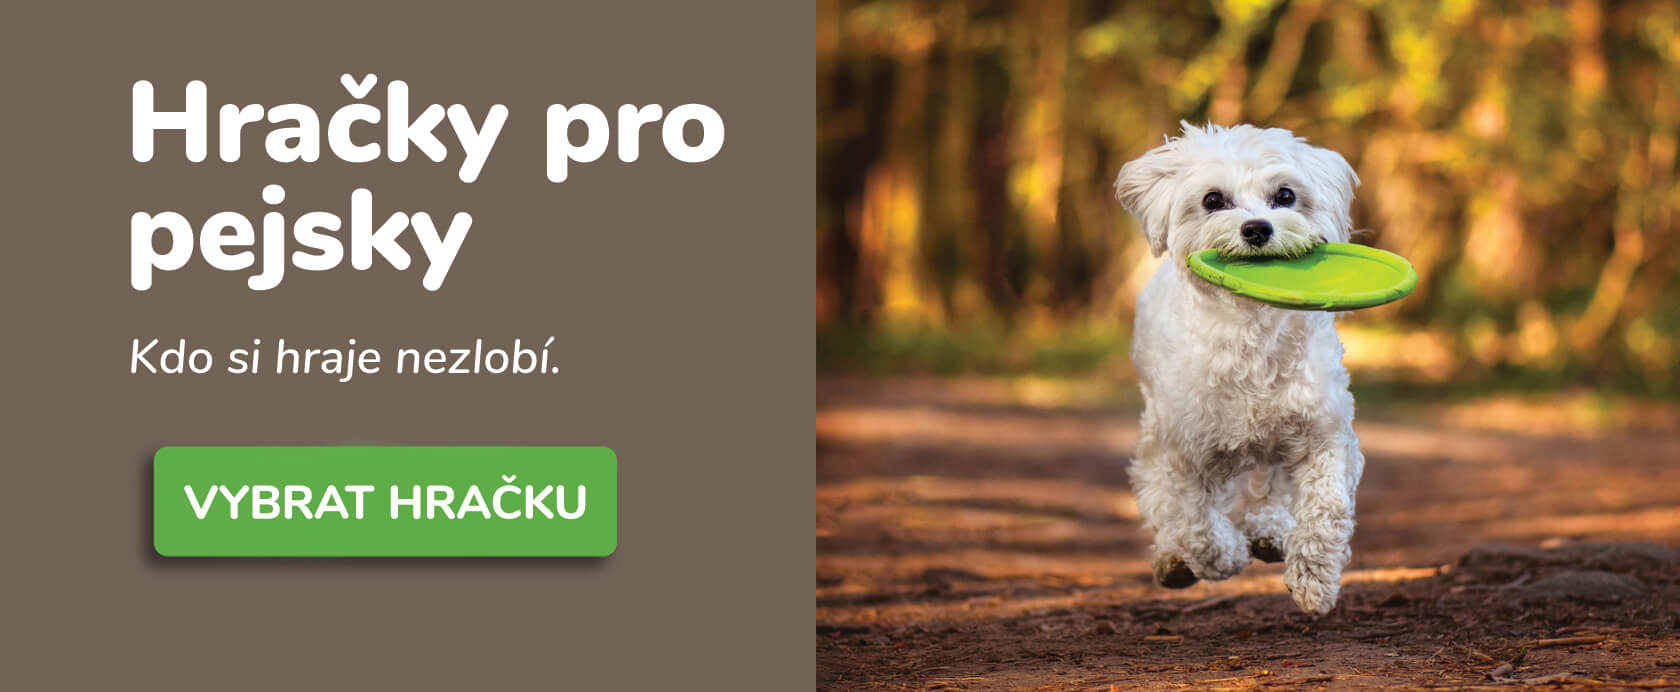 bannery-leto-hracky-2